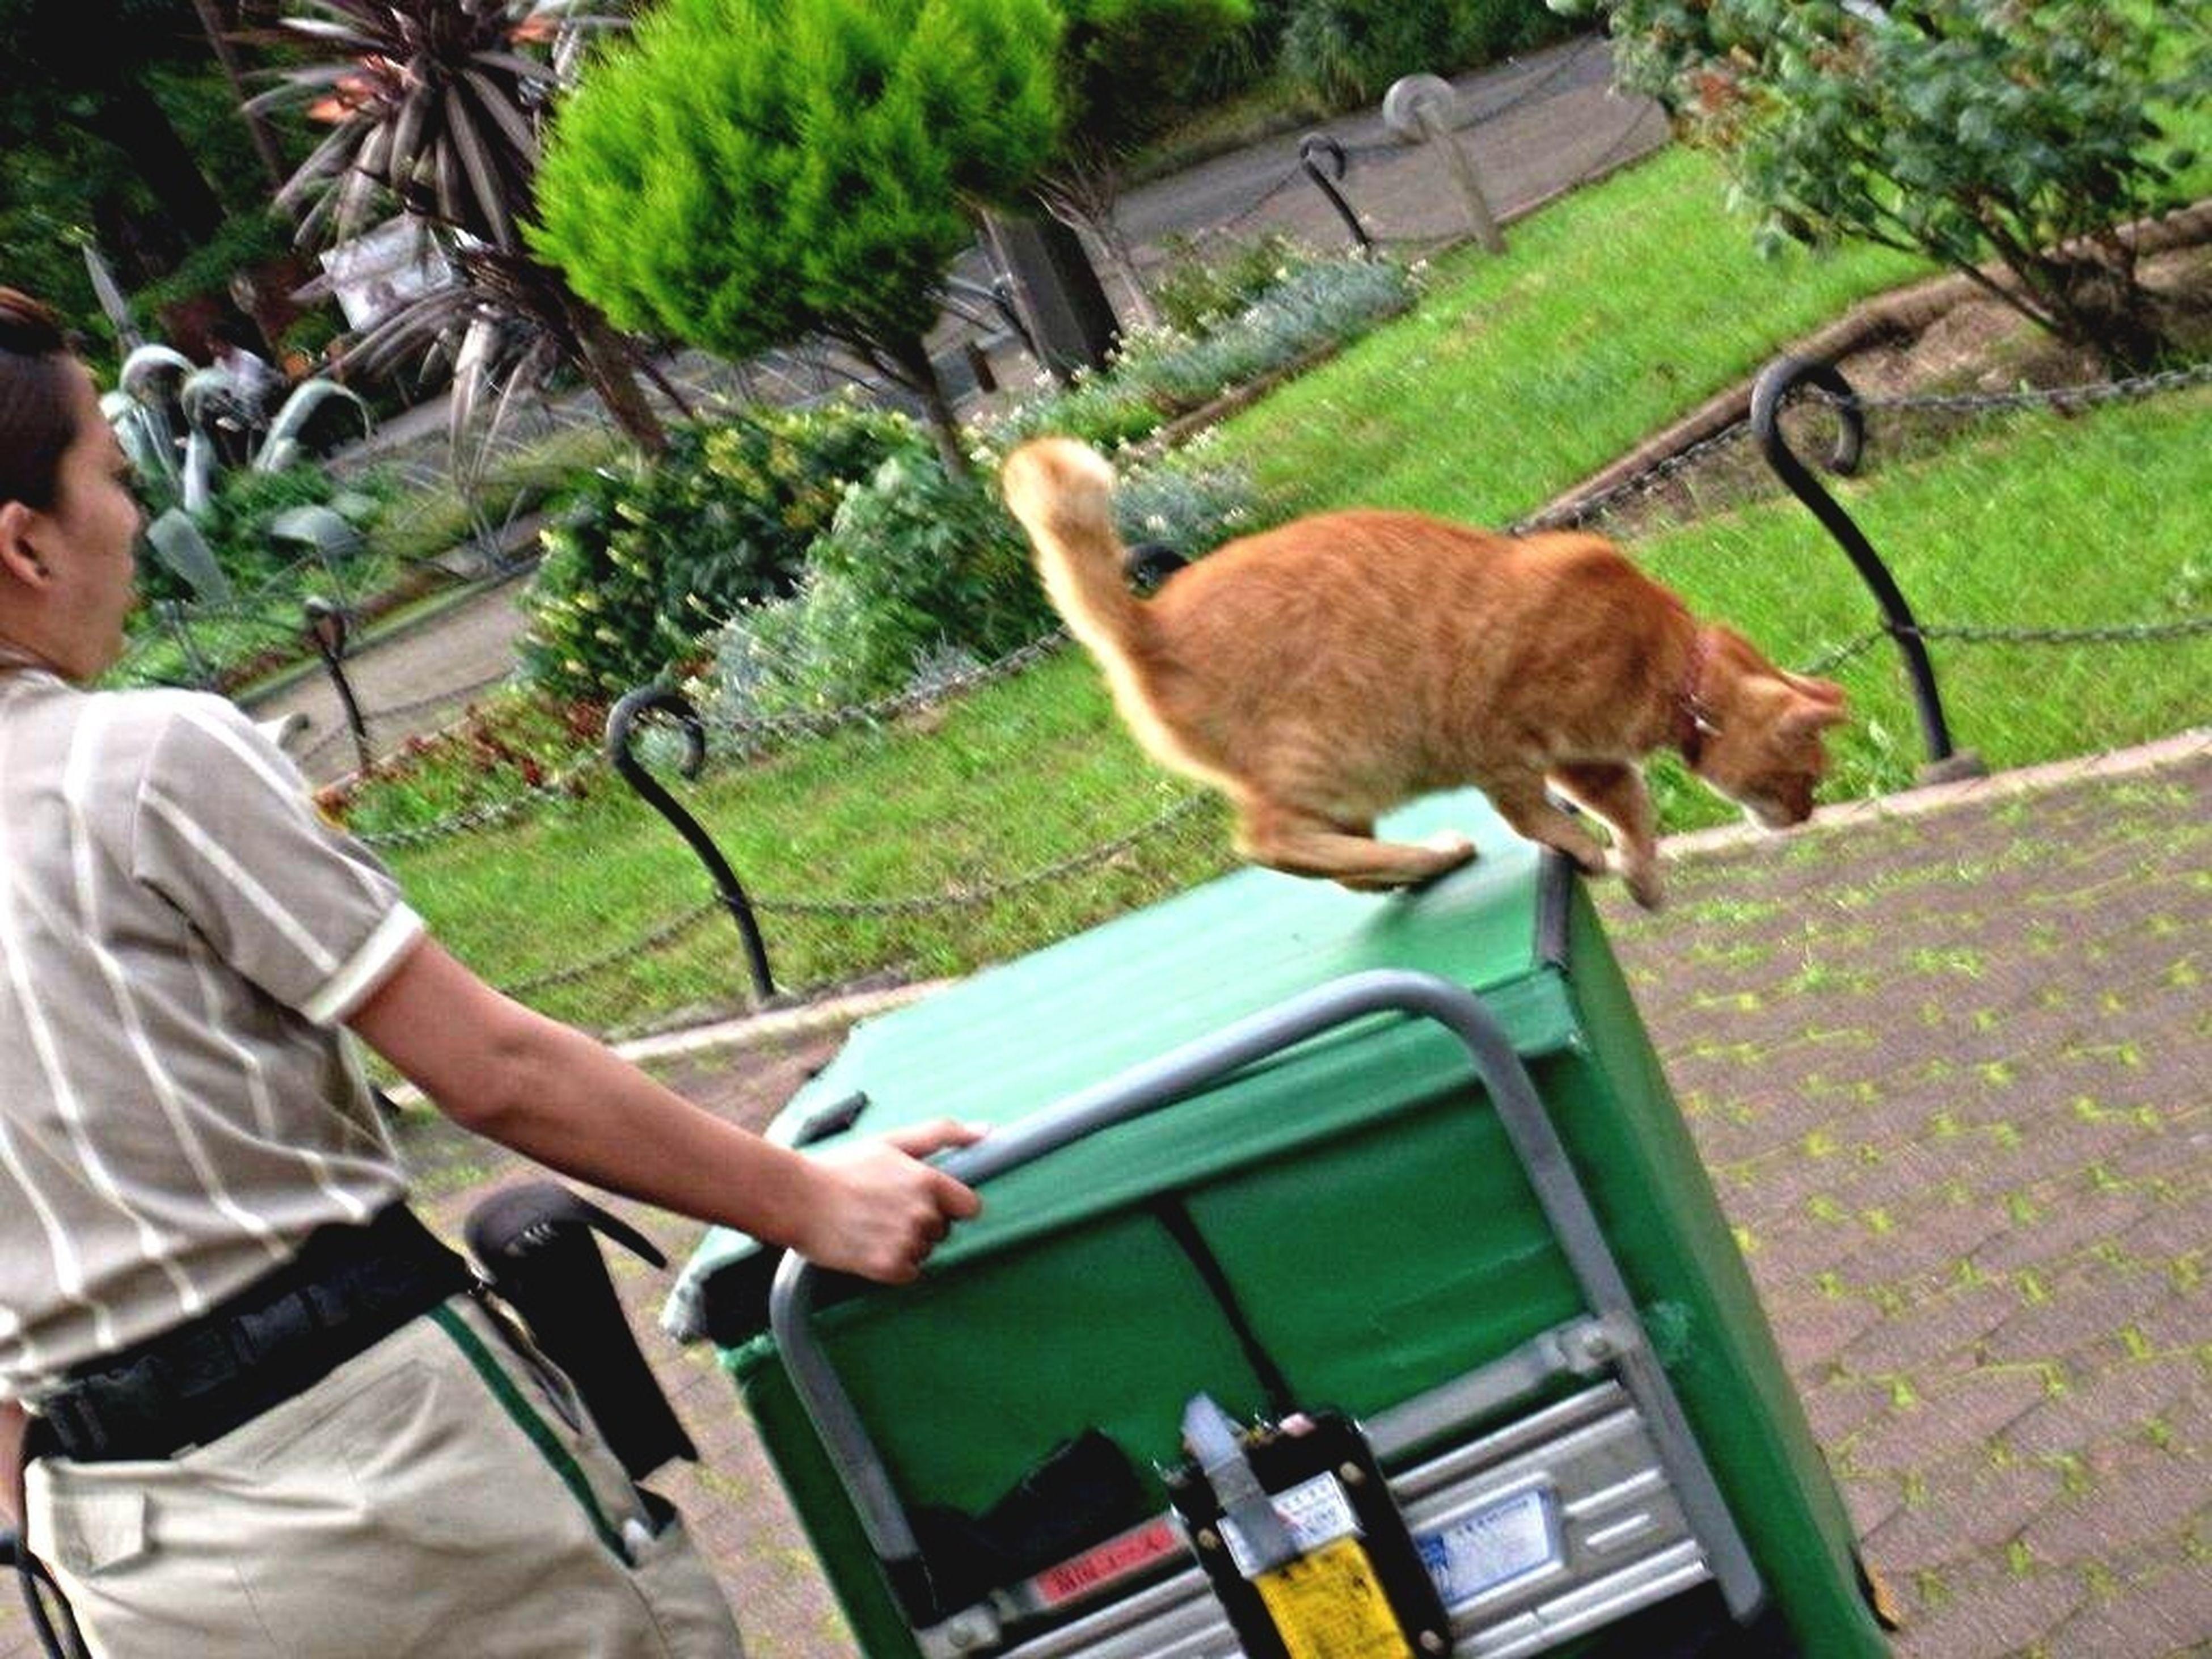 クロネコ野良猫に襲われるの巻